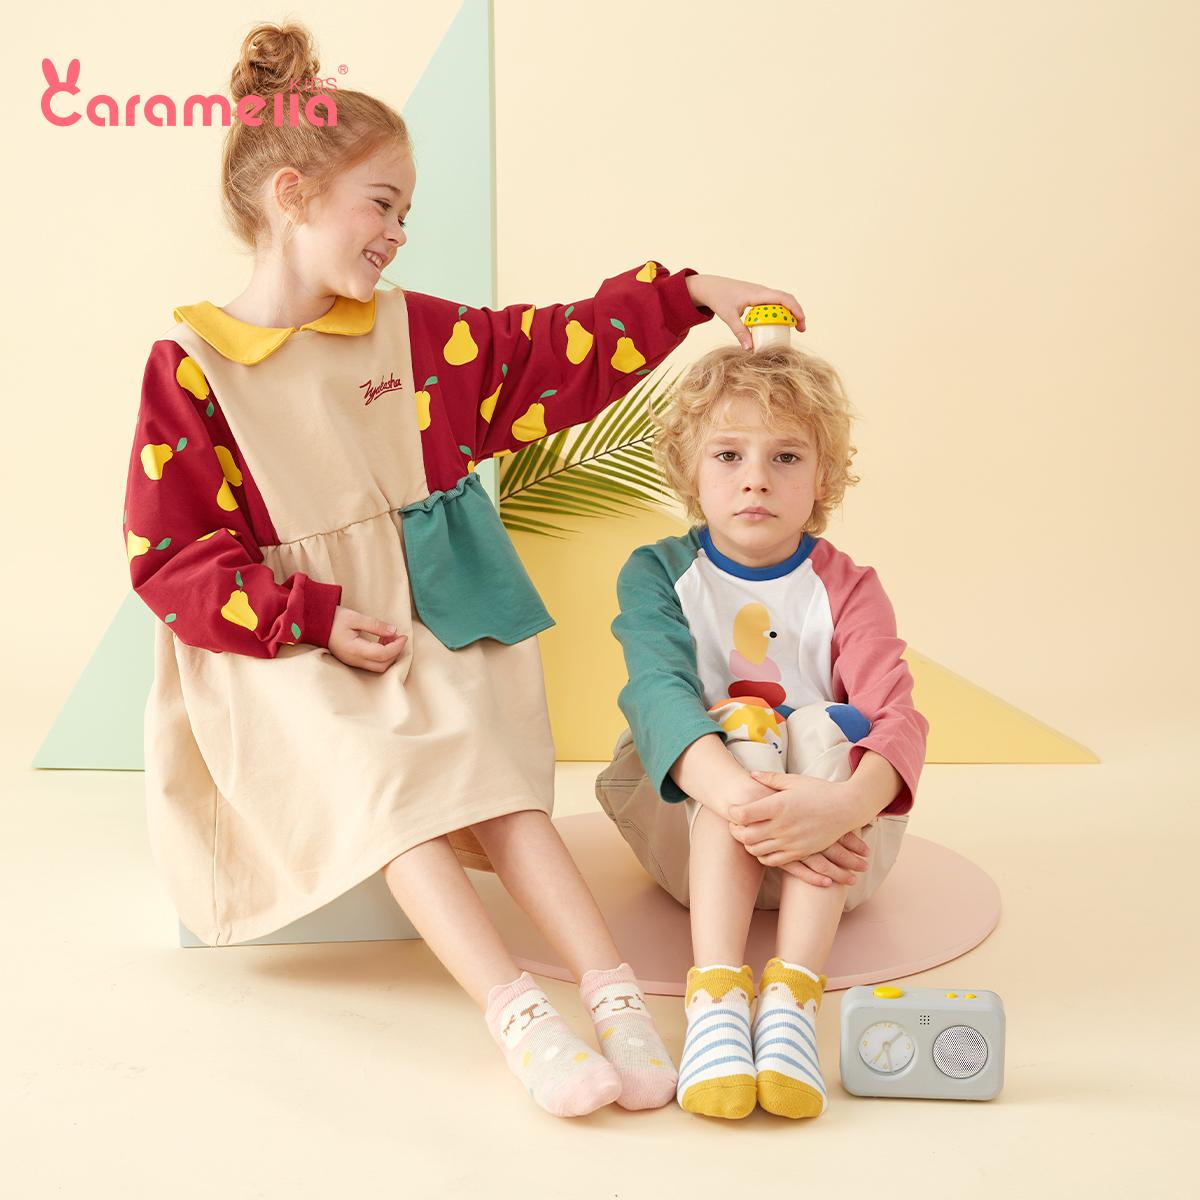 caramella春秋薄款儿童棉袜男女童宝宝纯棉袜子婴儿地板袜短袜子